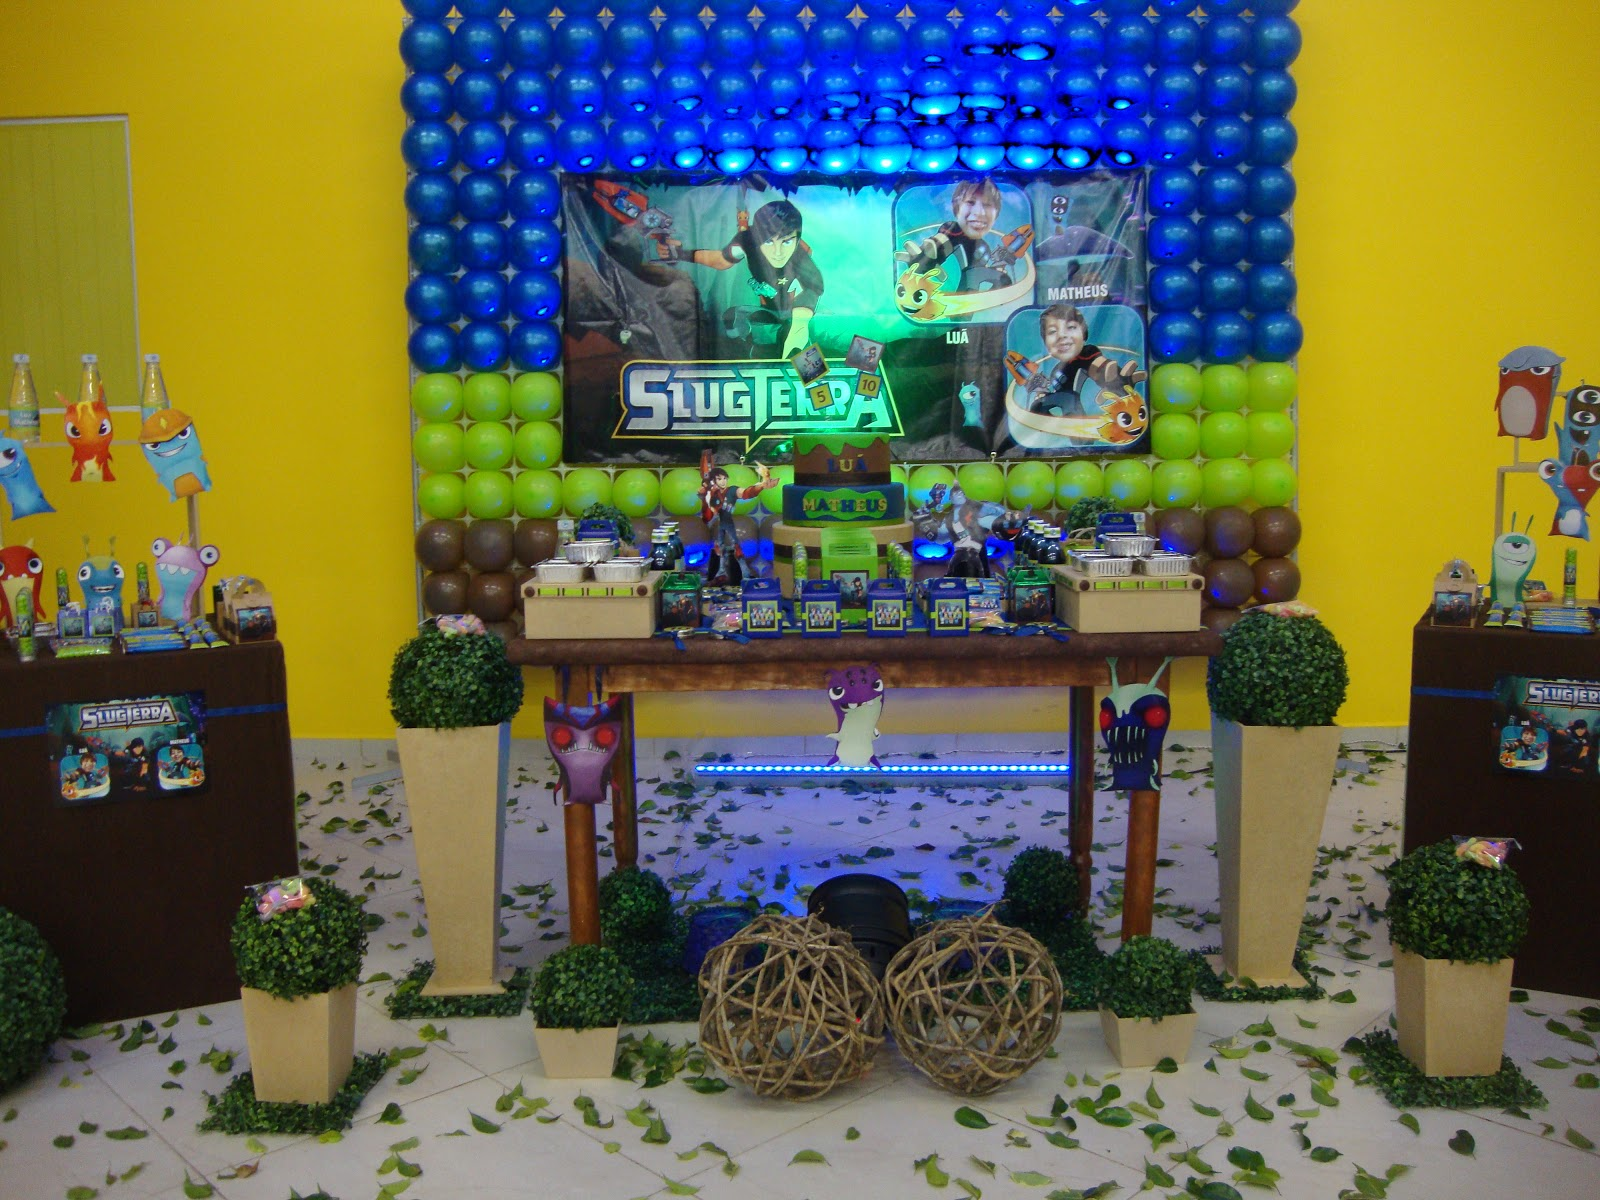 1000 images about slug terra party ideas on pinterest - Decoraciones de pisos ...